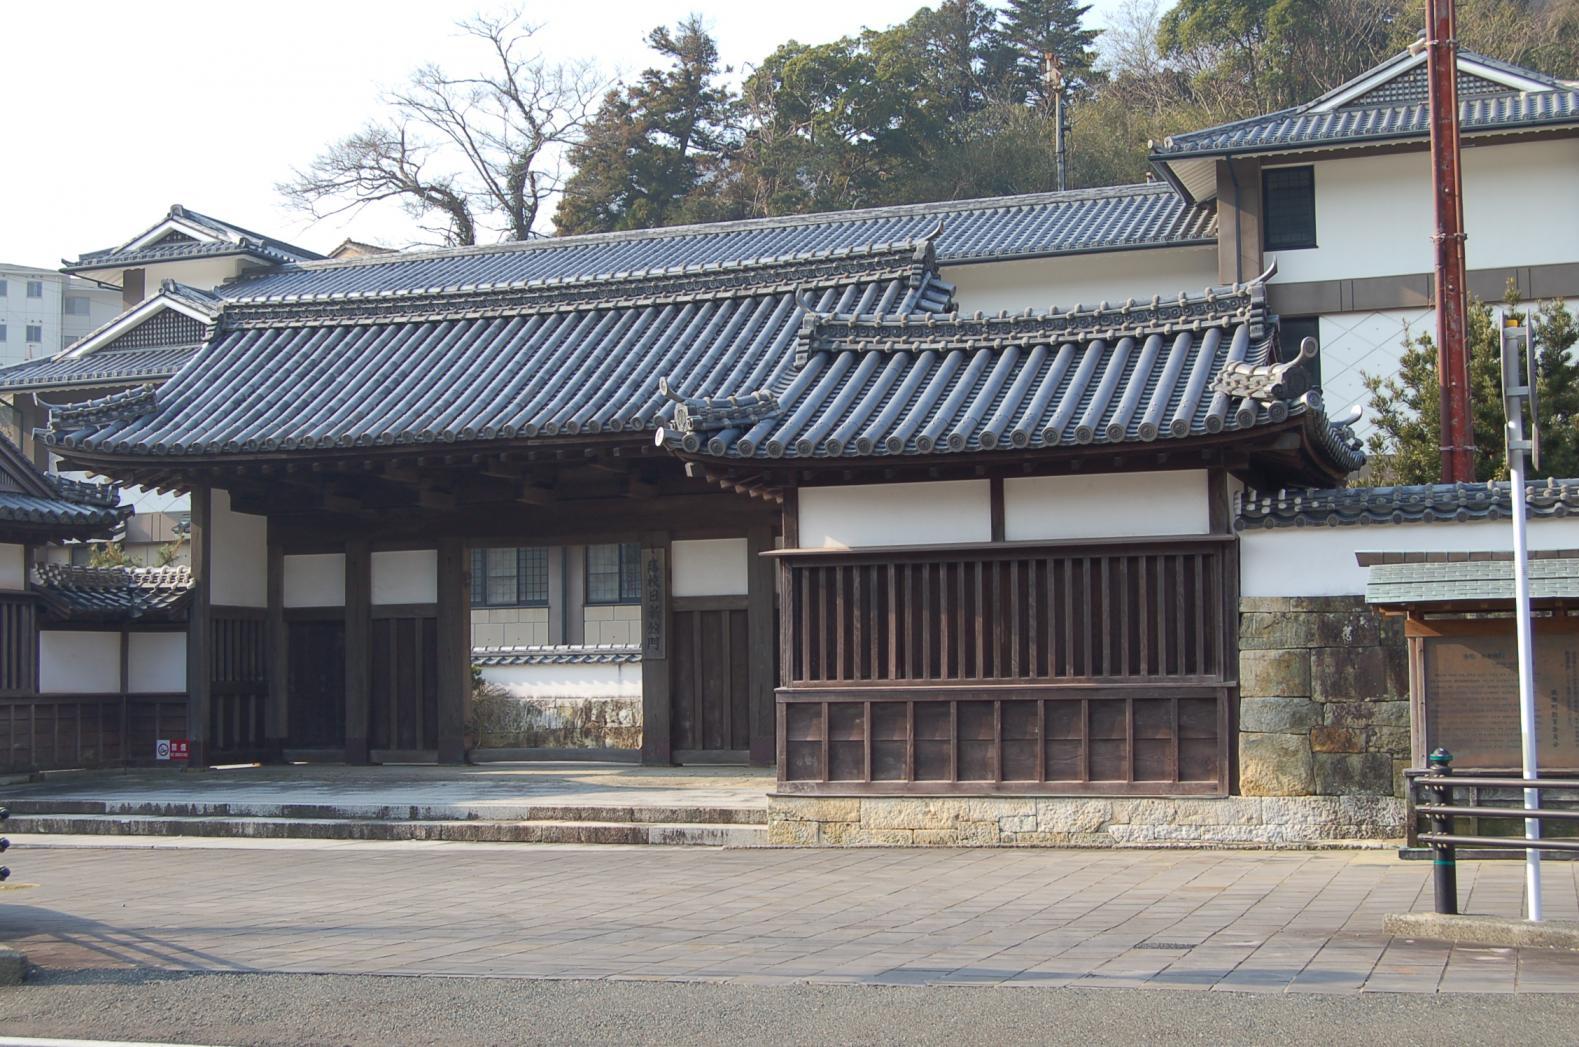 旧日新館門(石塀を含む)-1